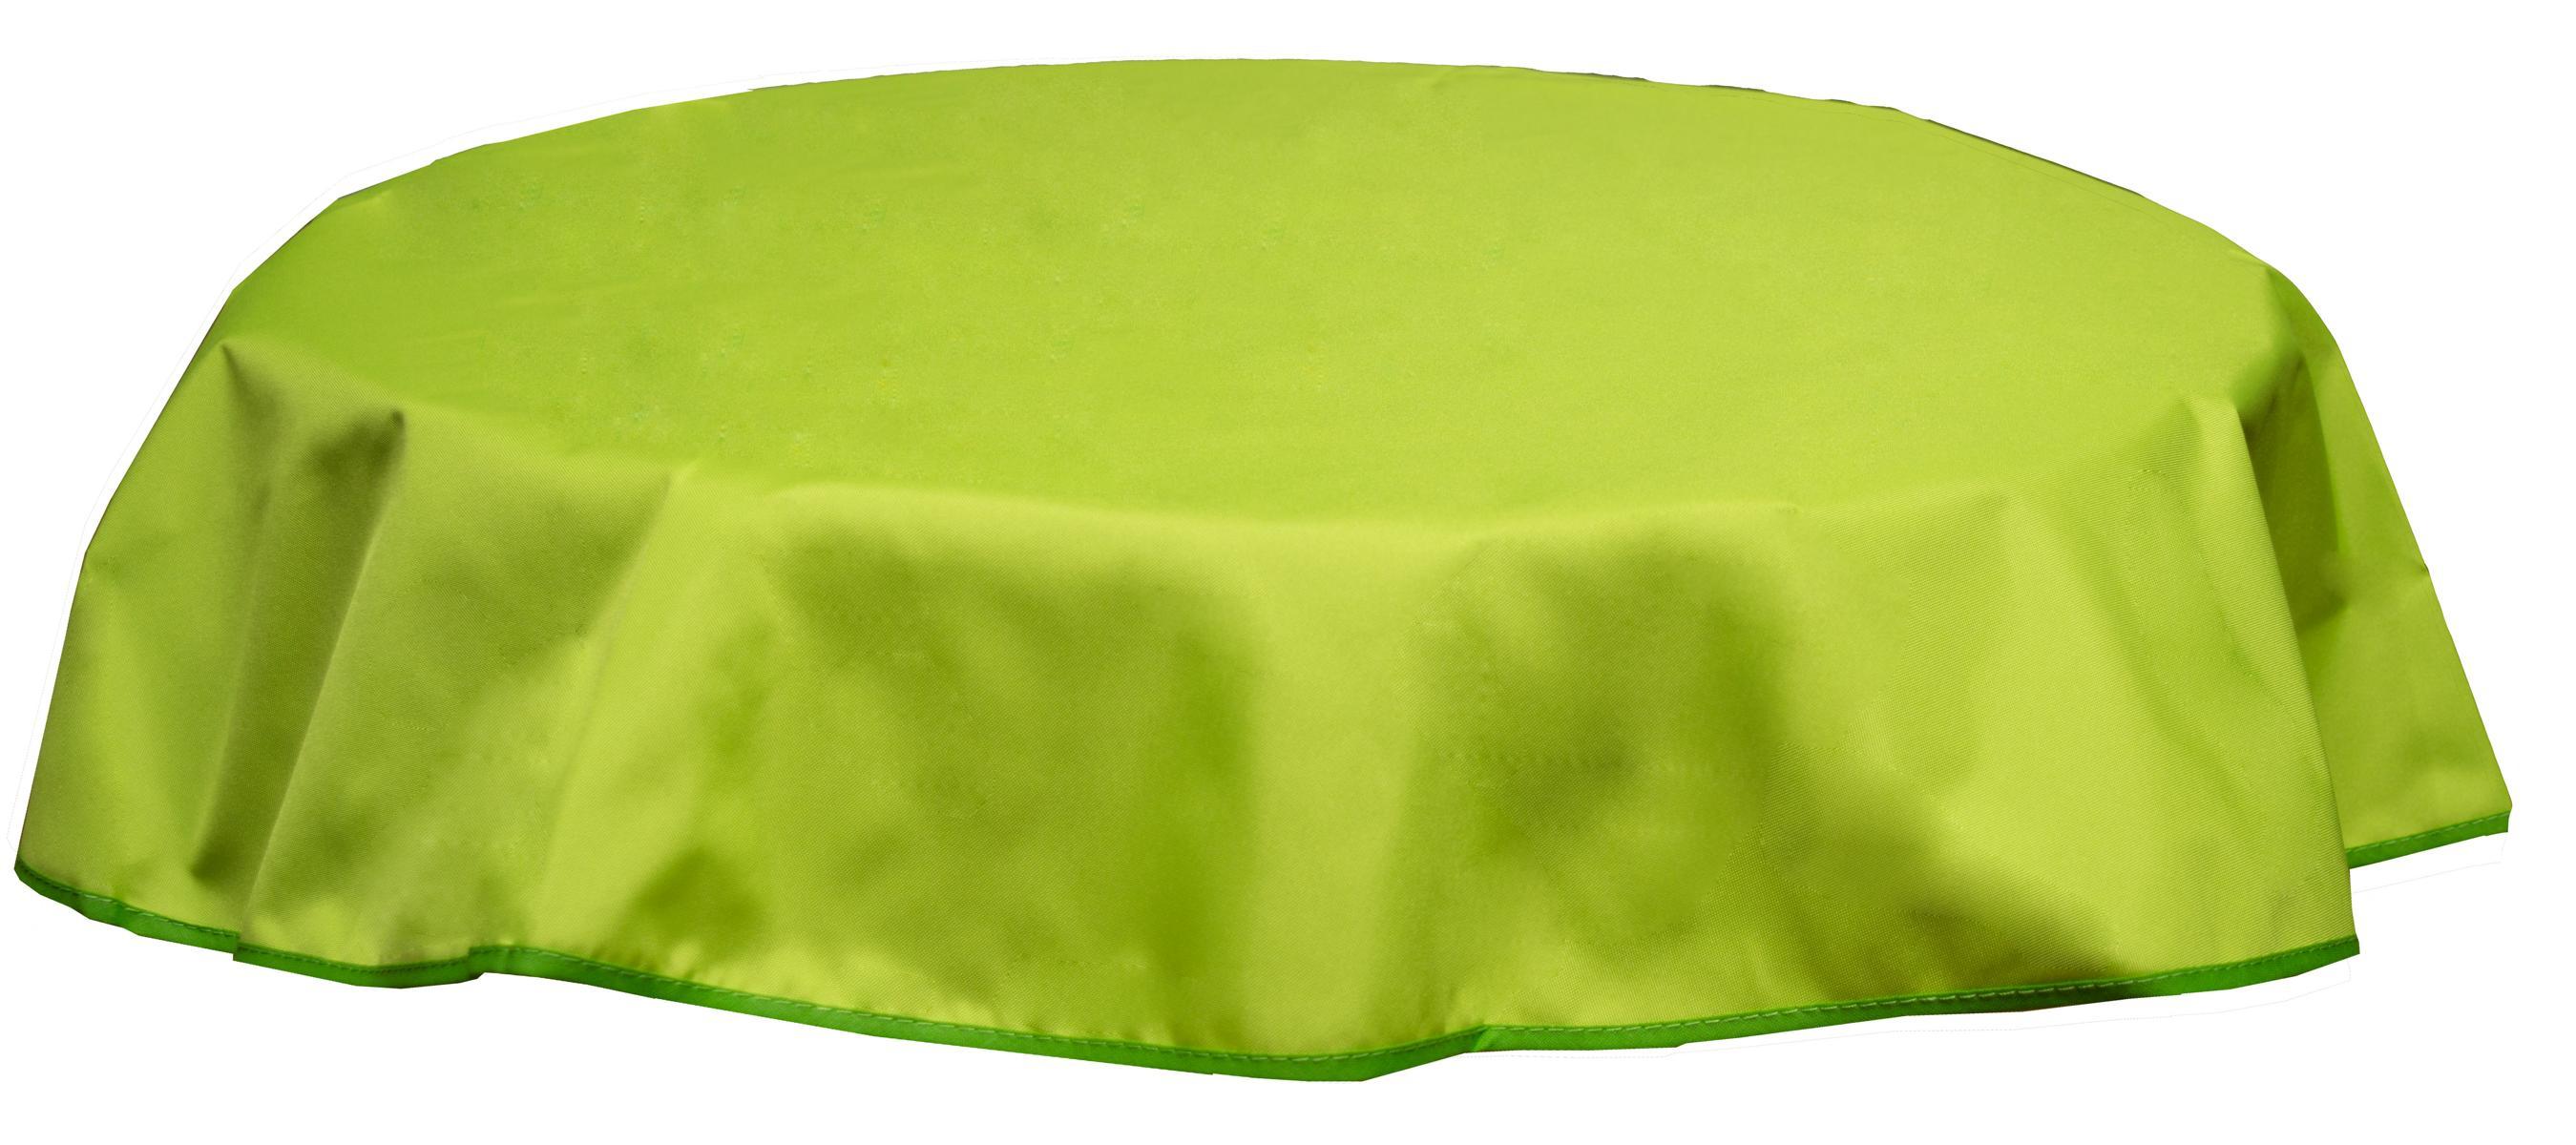 Runde Tischdecke 160cm wasserabweisend 100% Polyester in hellgrün